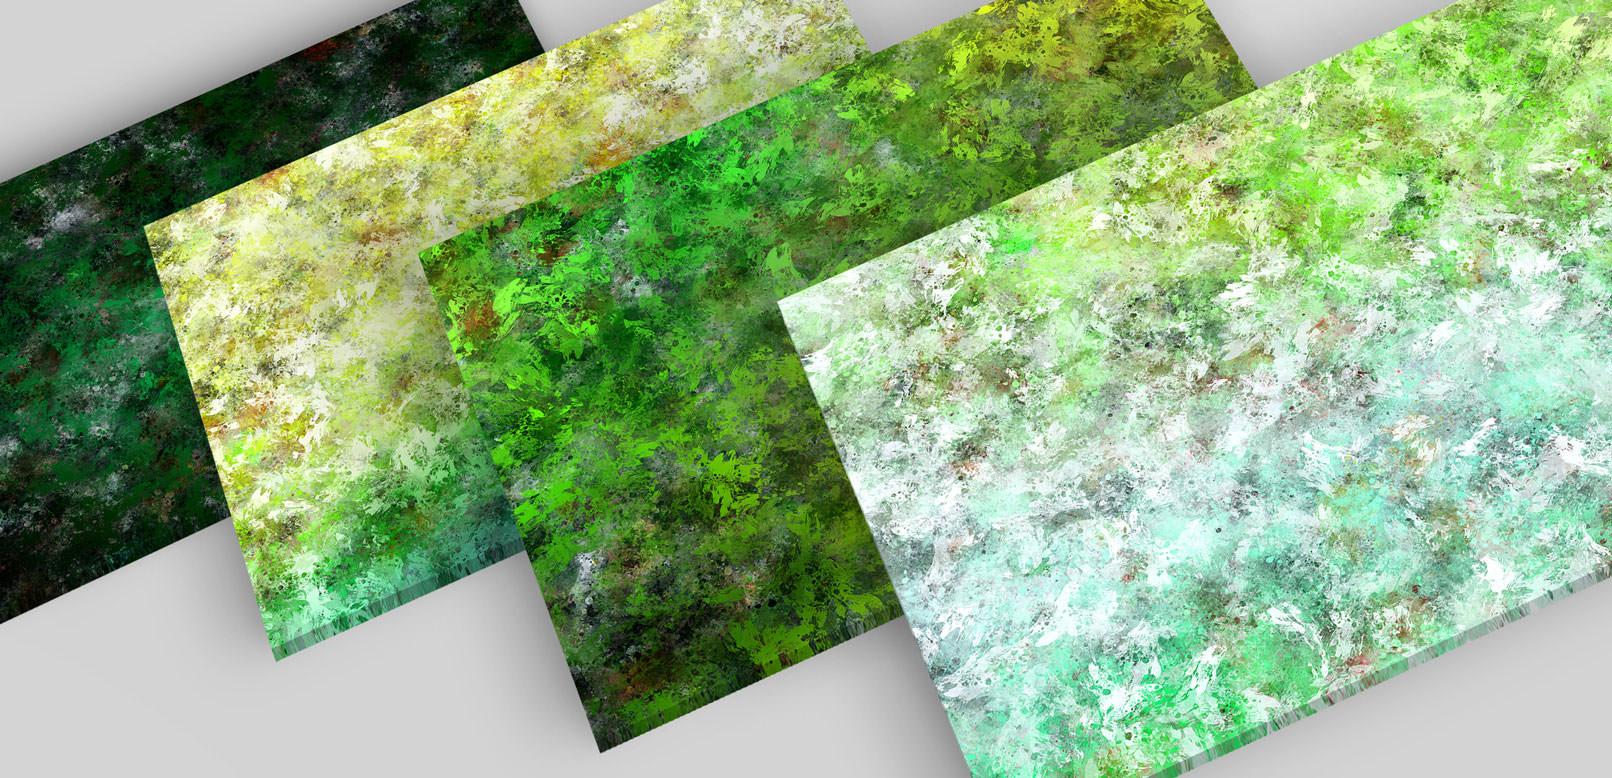 Bunte Hintergründe aus Ölfarben in Grün